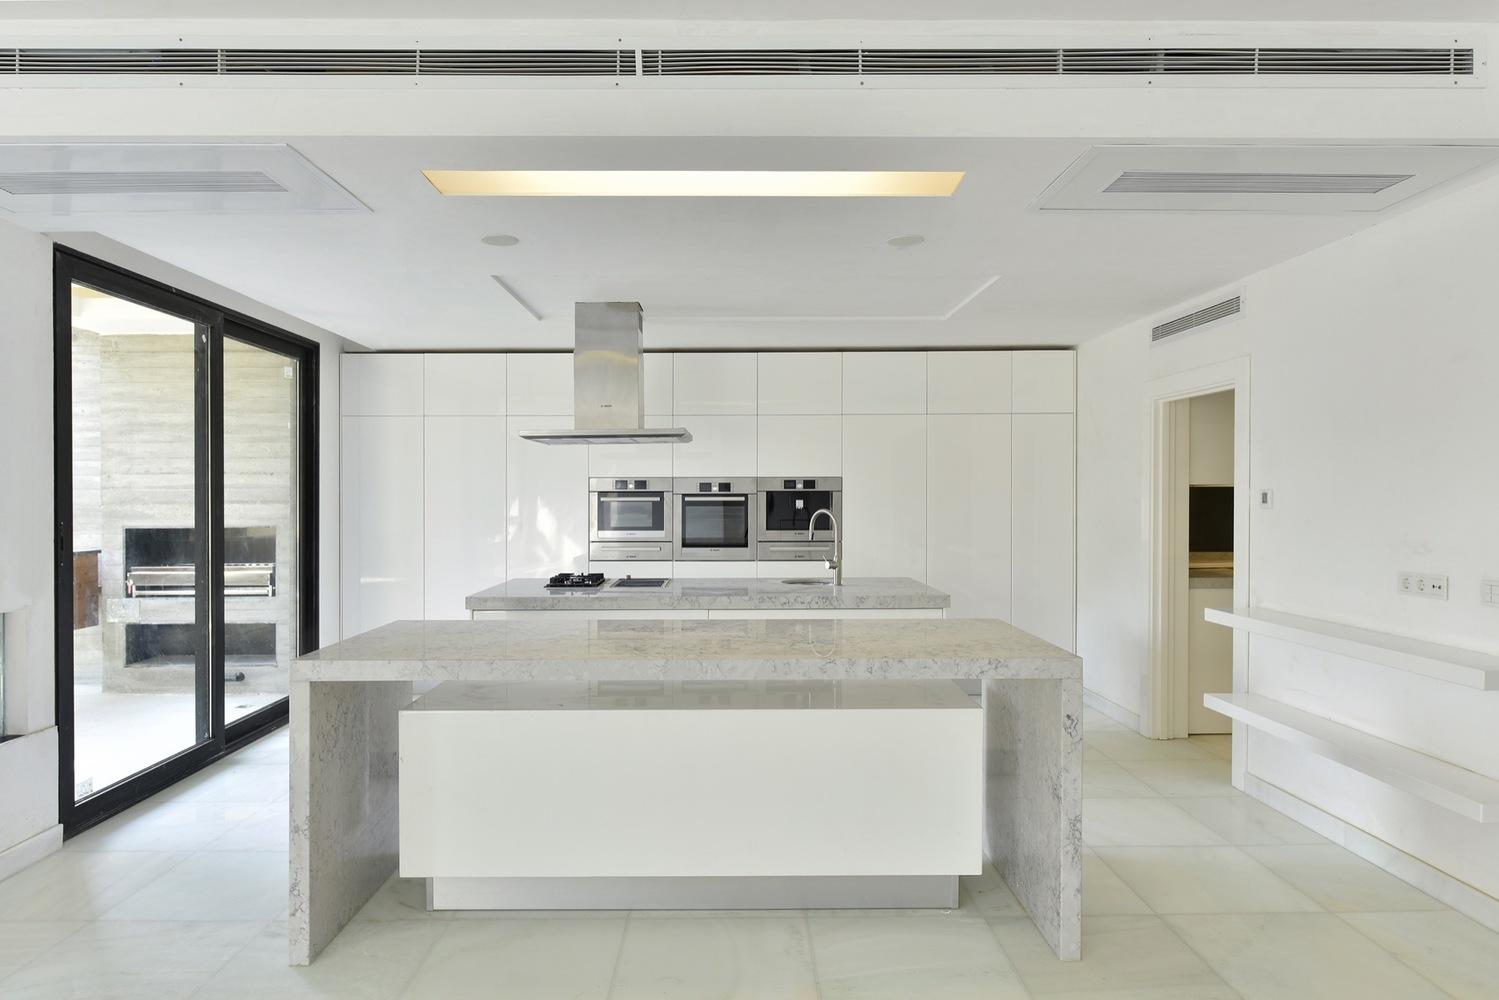 معماری آشپزخانه,طراحی آشپزخانه